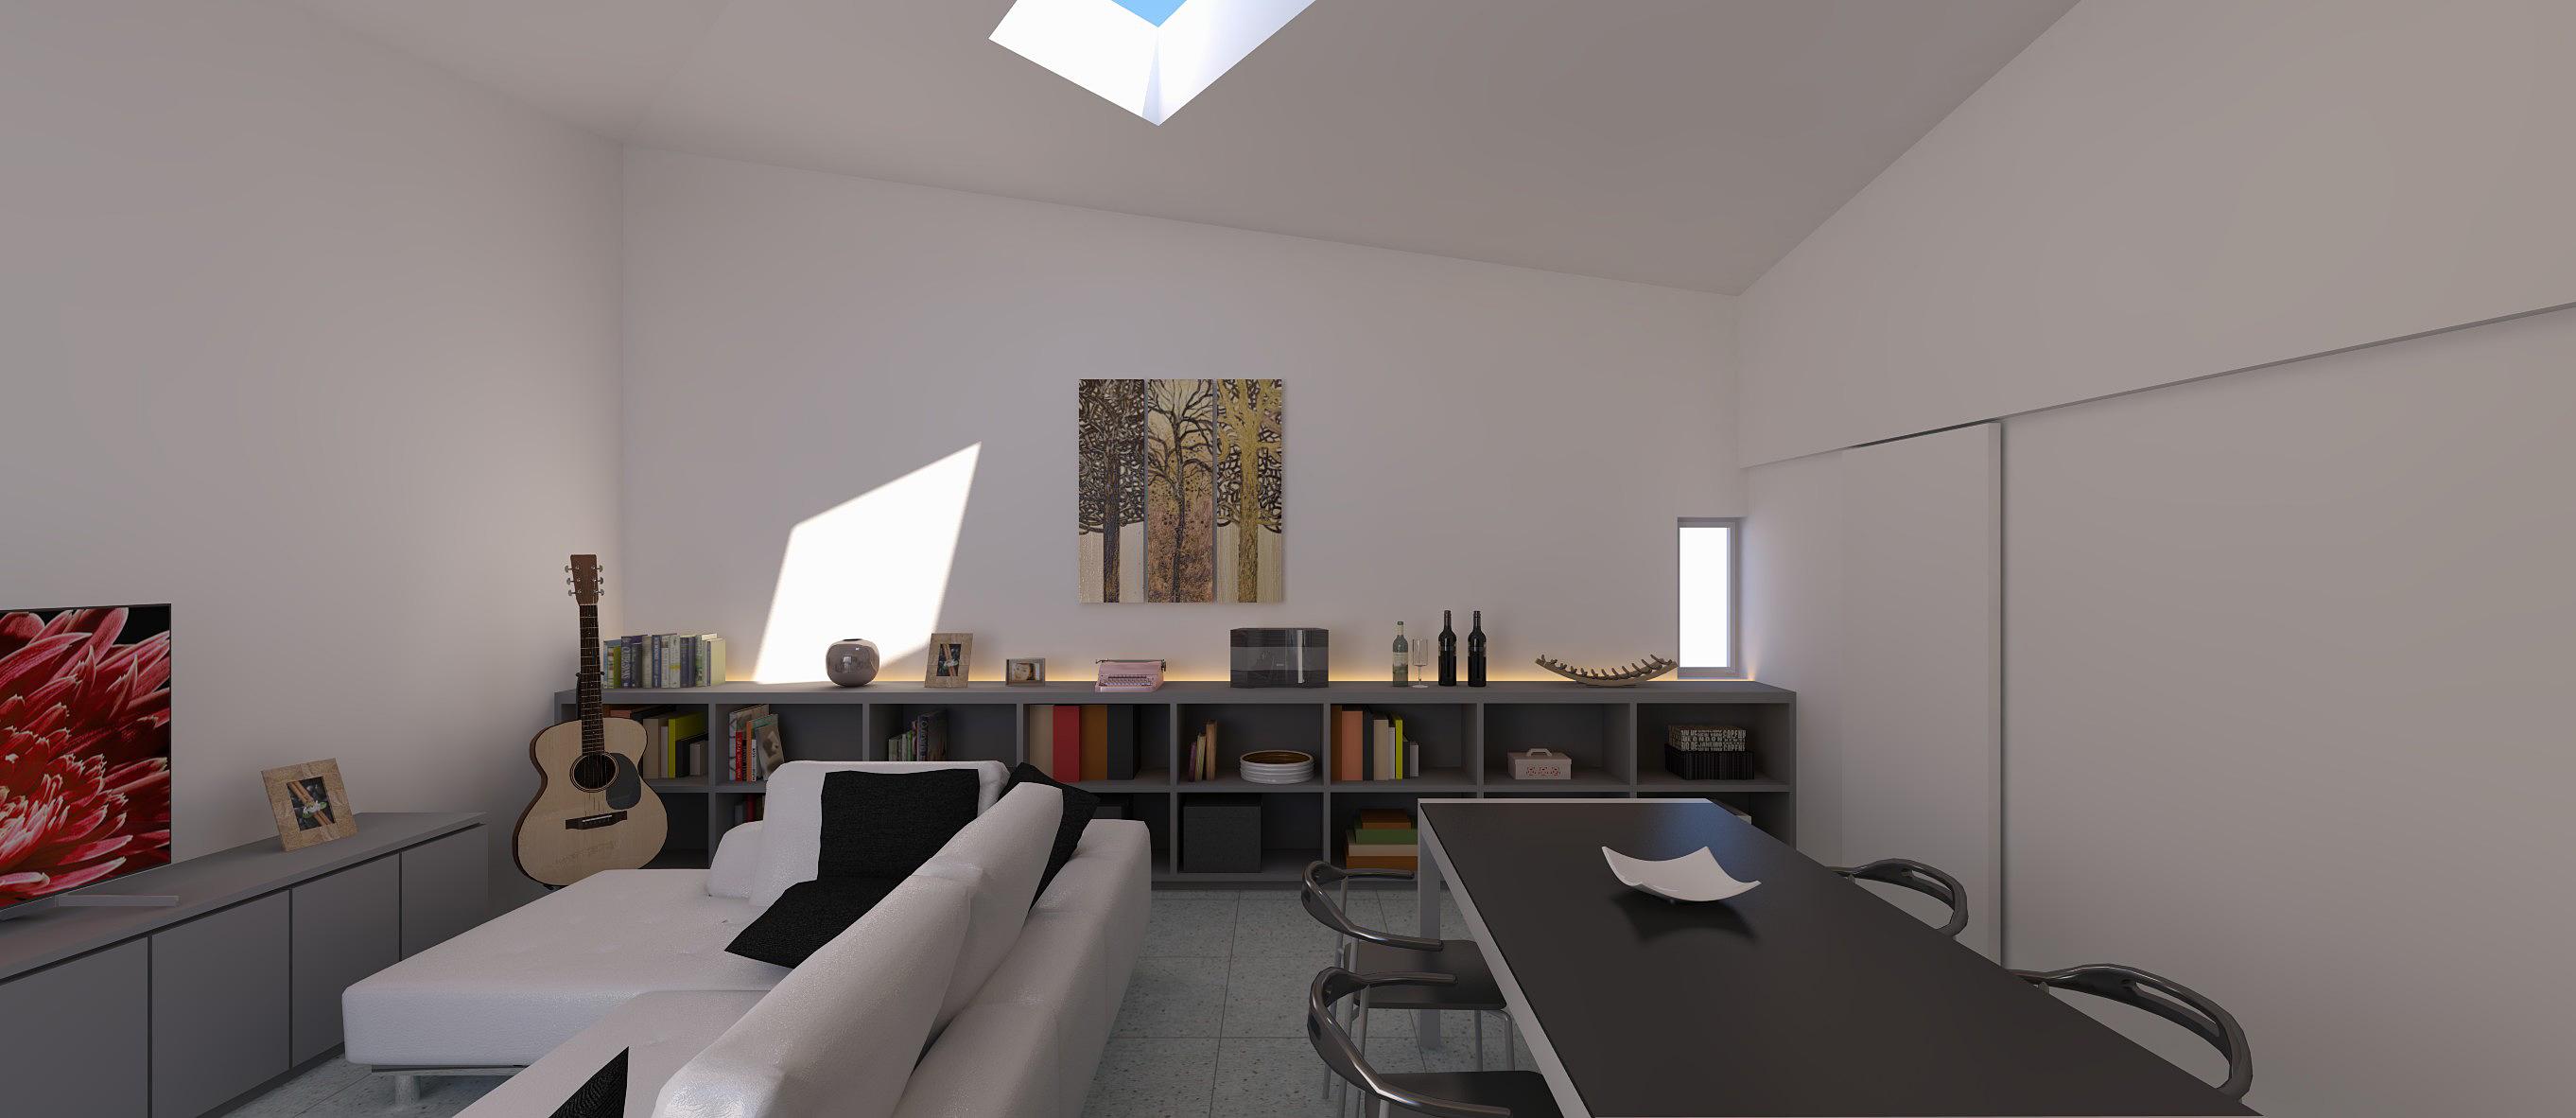 富山の家|大阪の建築設計事務所|一級建築士事務所